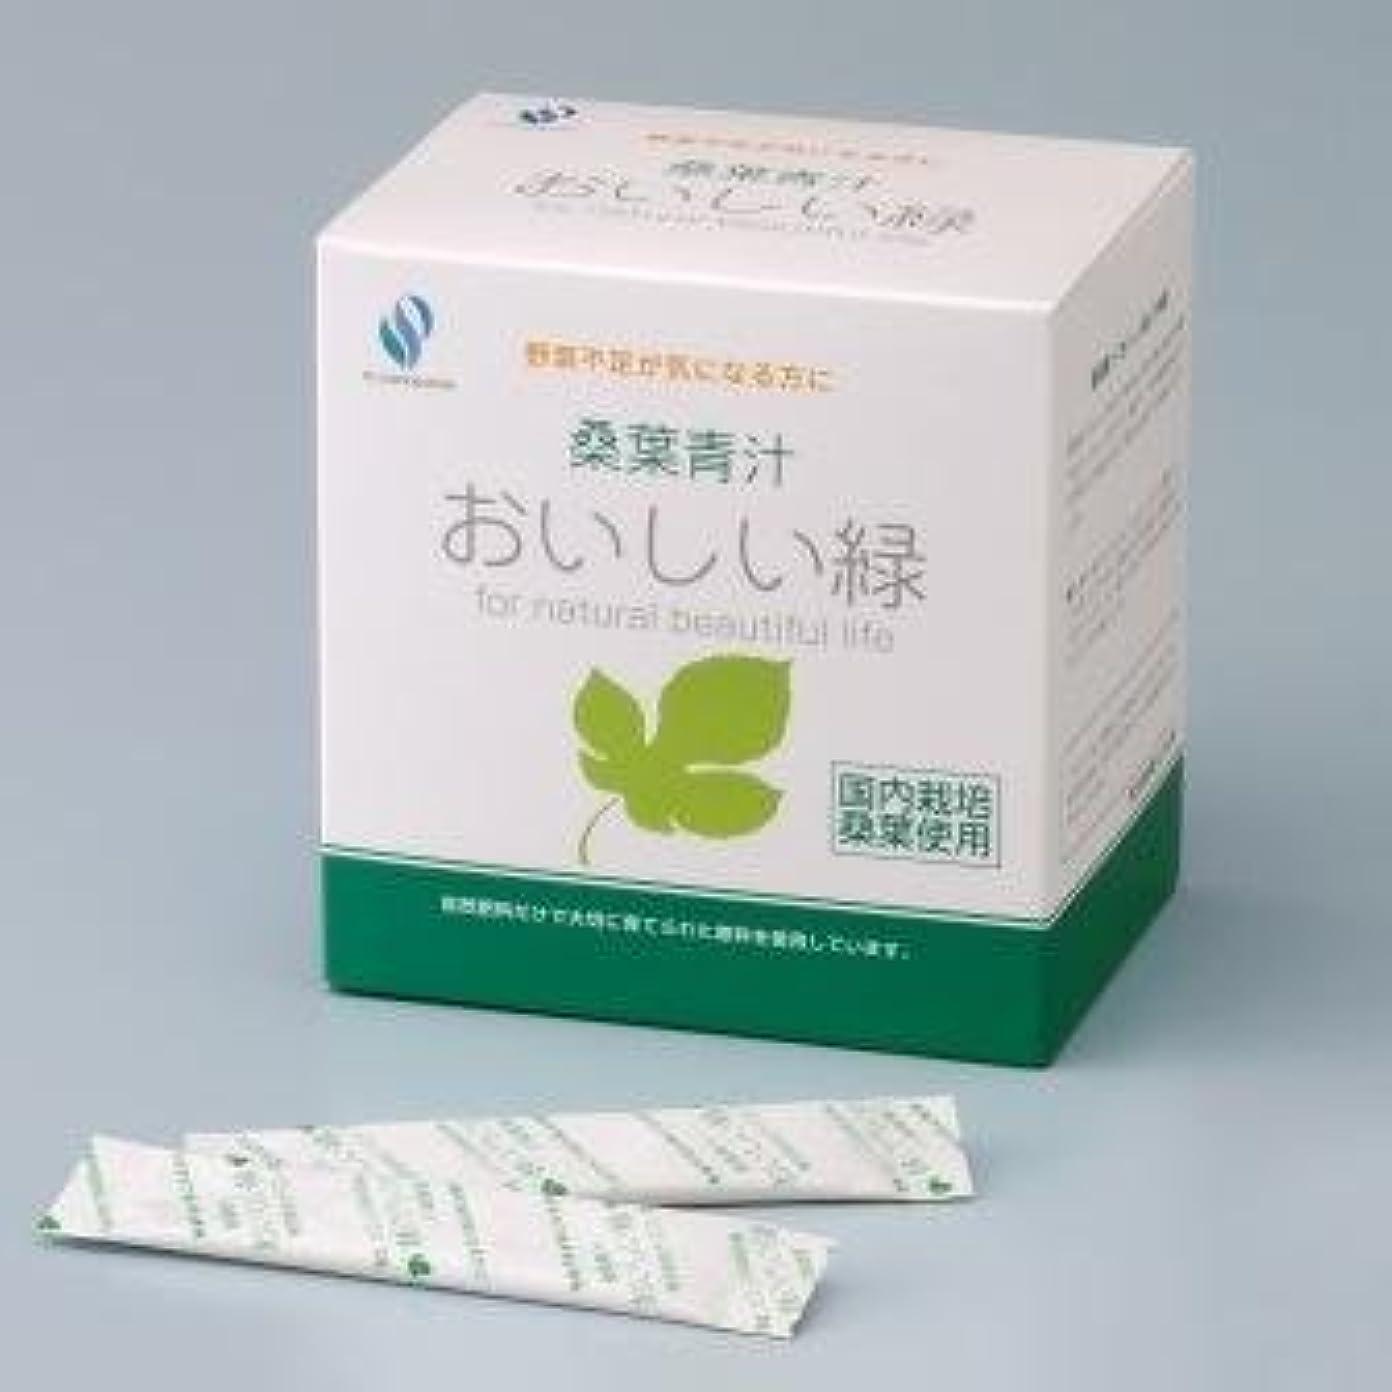 【栄養補助食品】 桑葉青汁 おいしい緑 (本体(2gx60本入り))